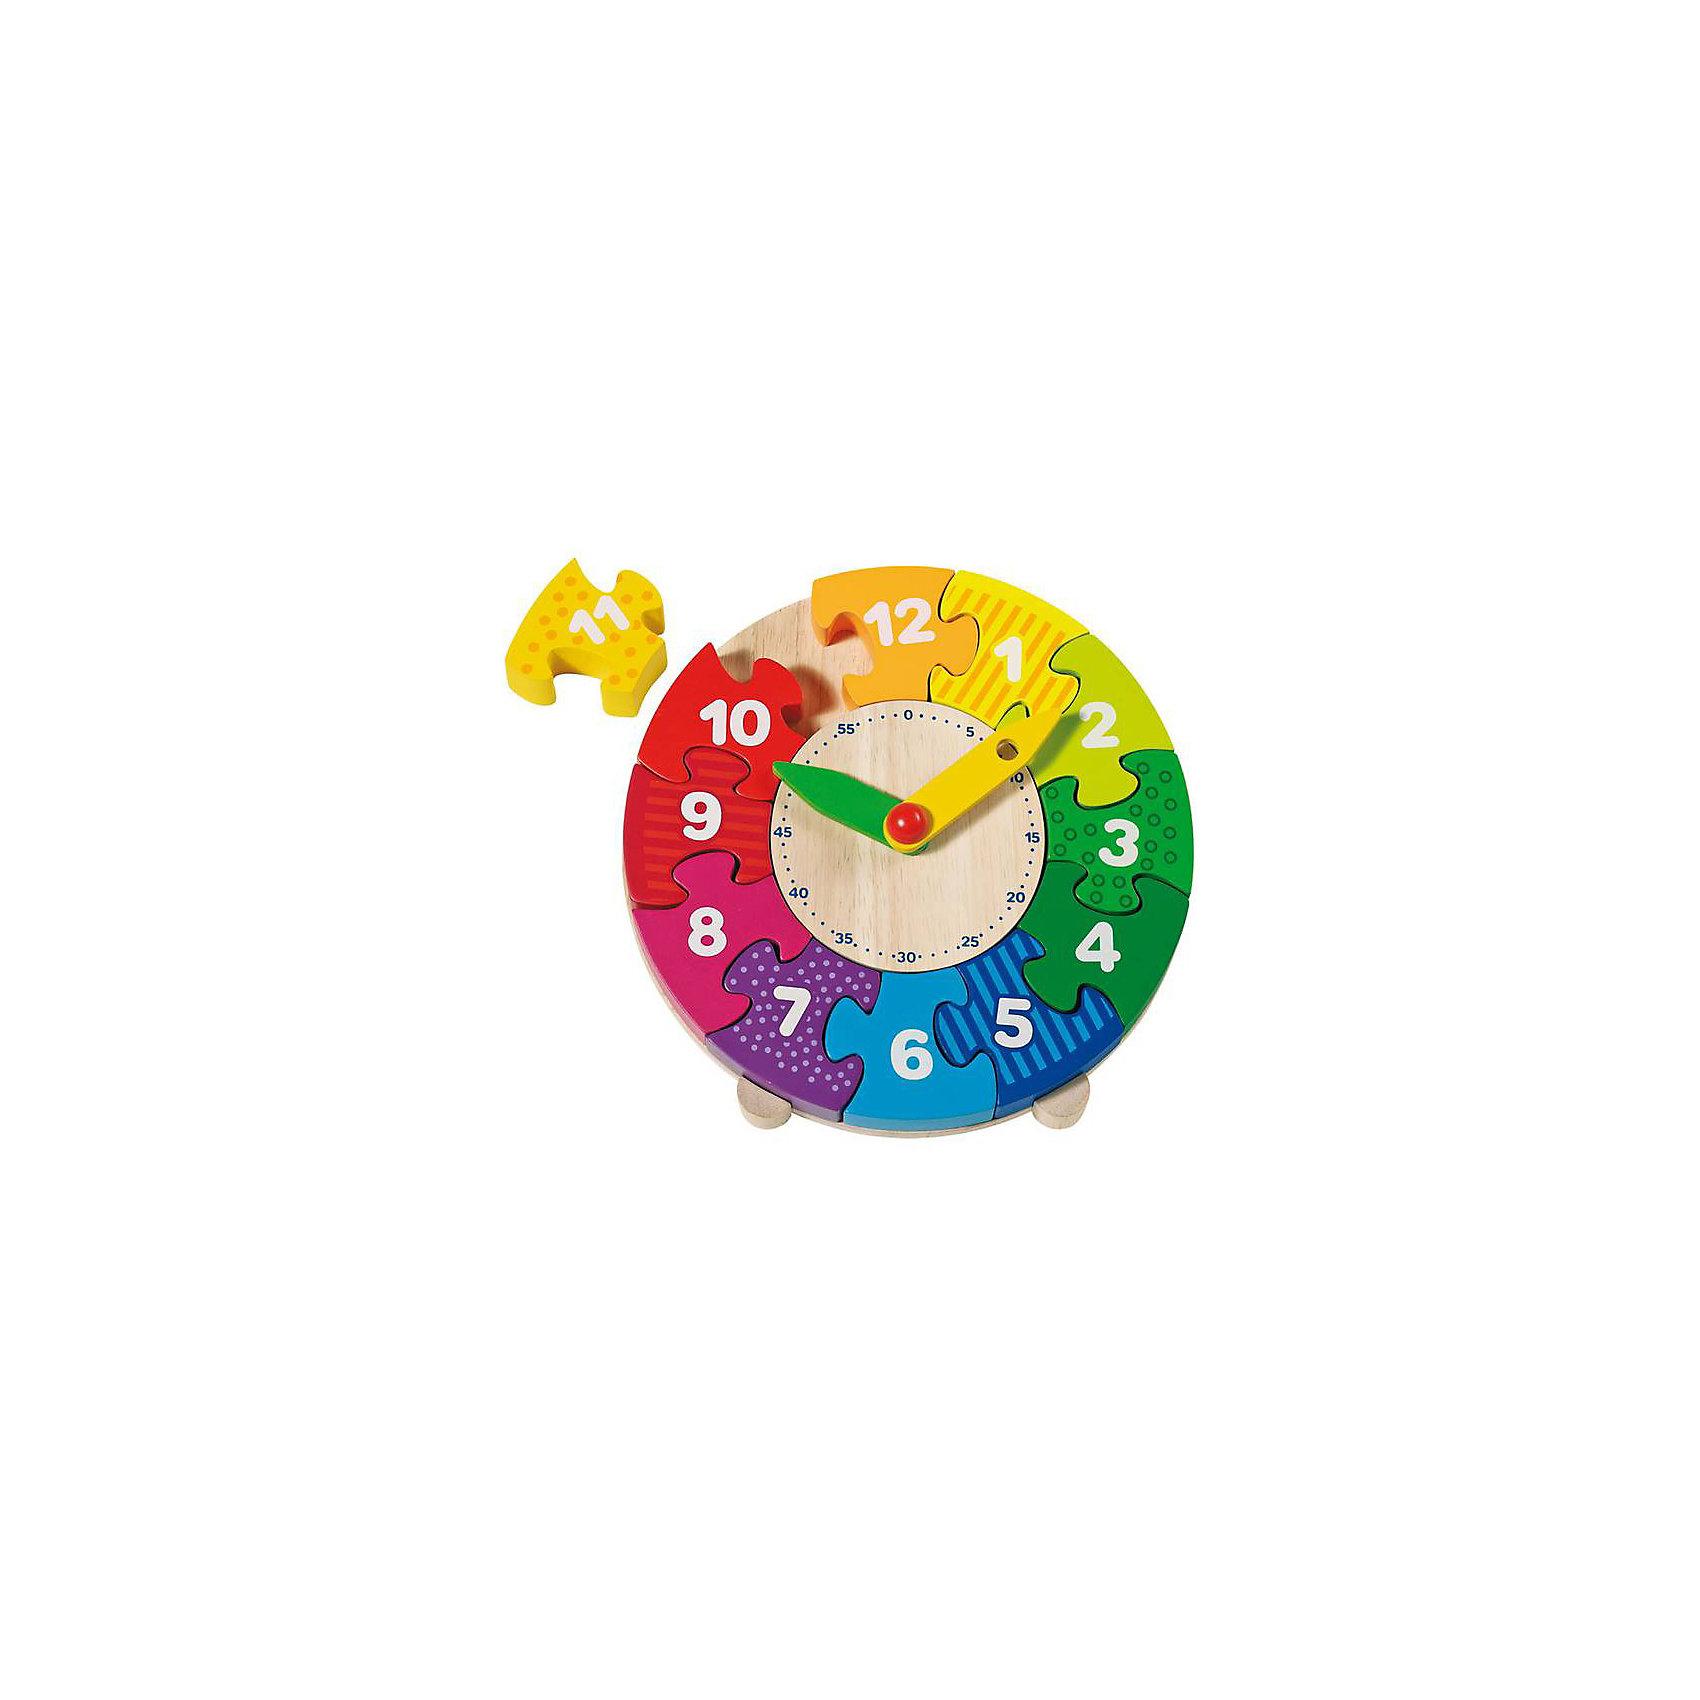 Часы-пазл I, gokiПазл-часы от одного из ведущих немецких производителей деревянных игрушек, фабрики GOLLNEST &amp; KIESEL.<br>Пазл учит цифрам, часам и цветам.<br><br>Дополнительная информация:<br><br>- Диаметр: 20 см<br>- Количество деталей: 14 штук<br>- Материал: дерево<br><br>Ширина мм: 200<br>Глубина мм: 200<br>Высота мм: 20<br>Вес г: 200<br>Возраст от месяцев: 48<br>Возраст до месяцев: 84<br>Пол: Унисекс<br>Возраст: Детский<br>SKU: 2456940